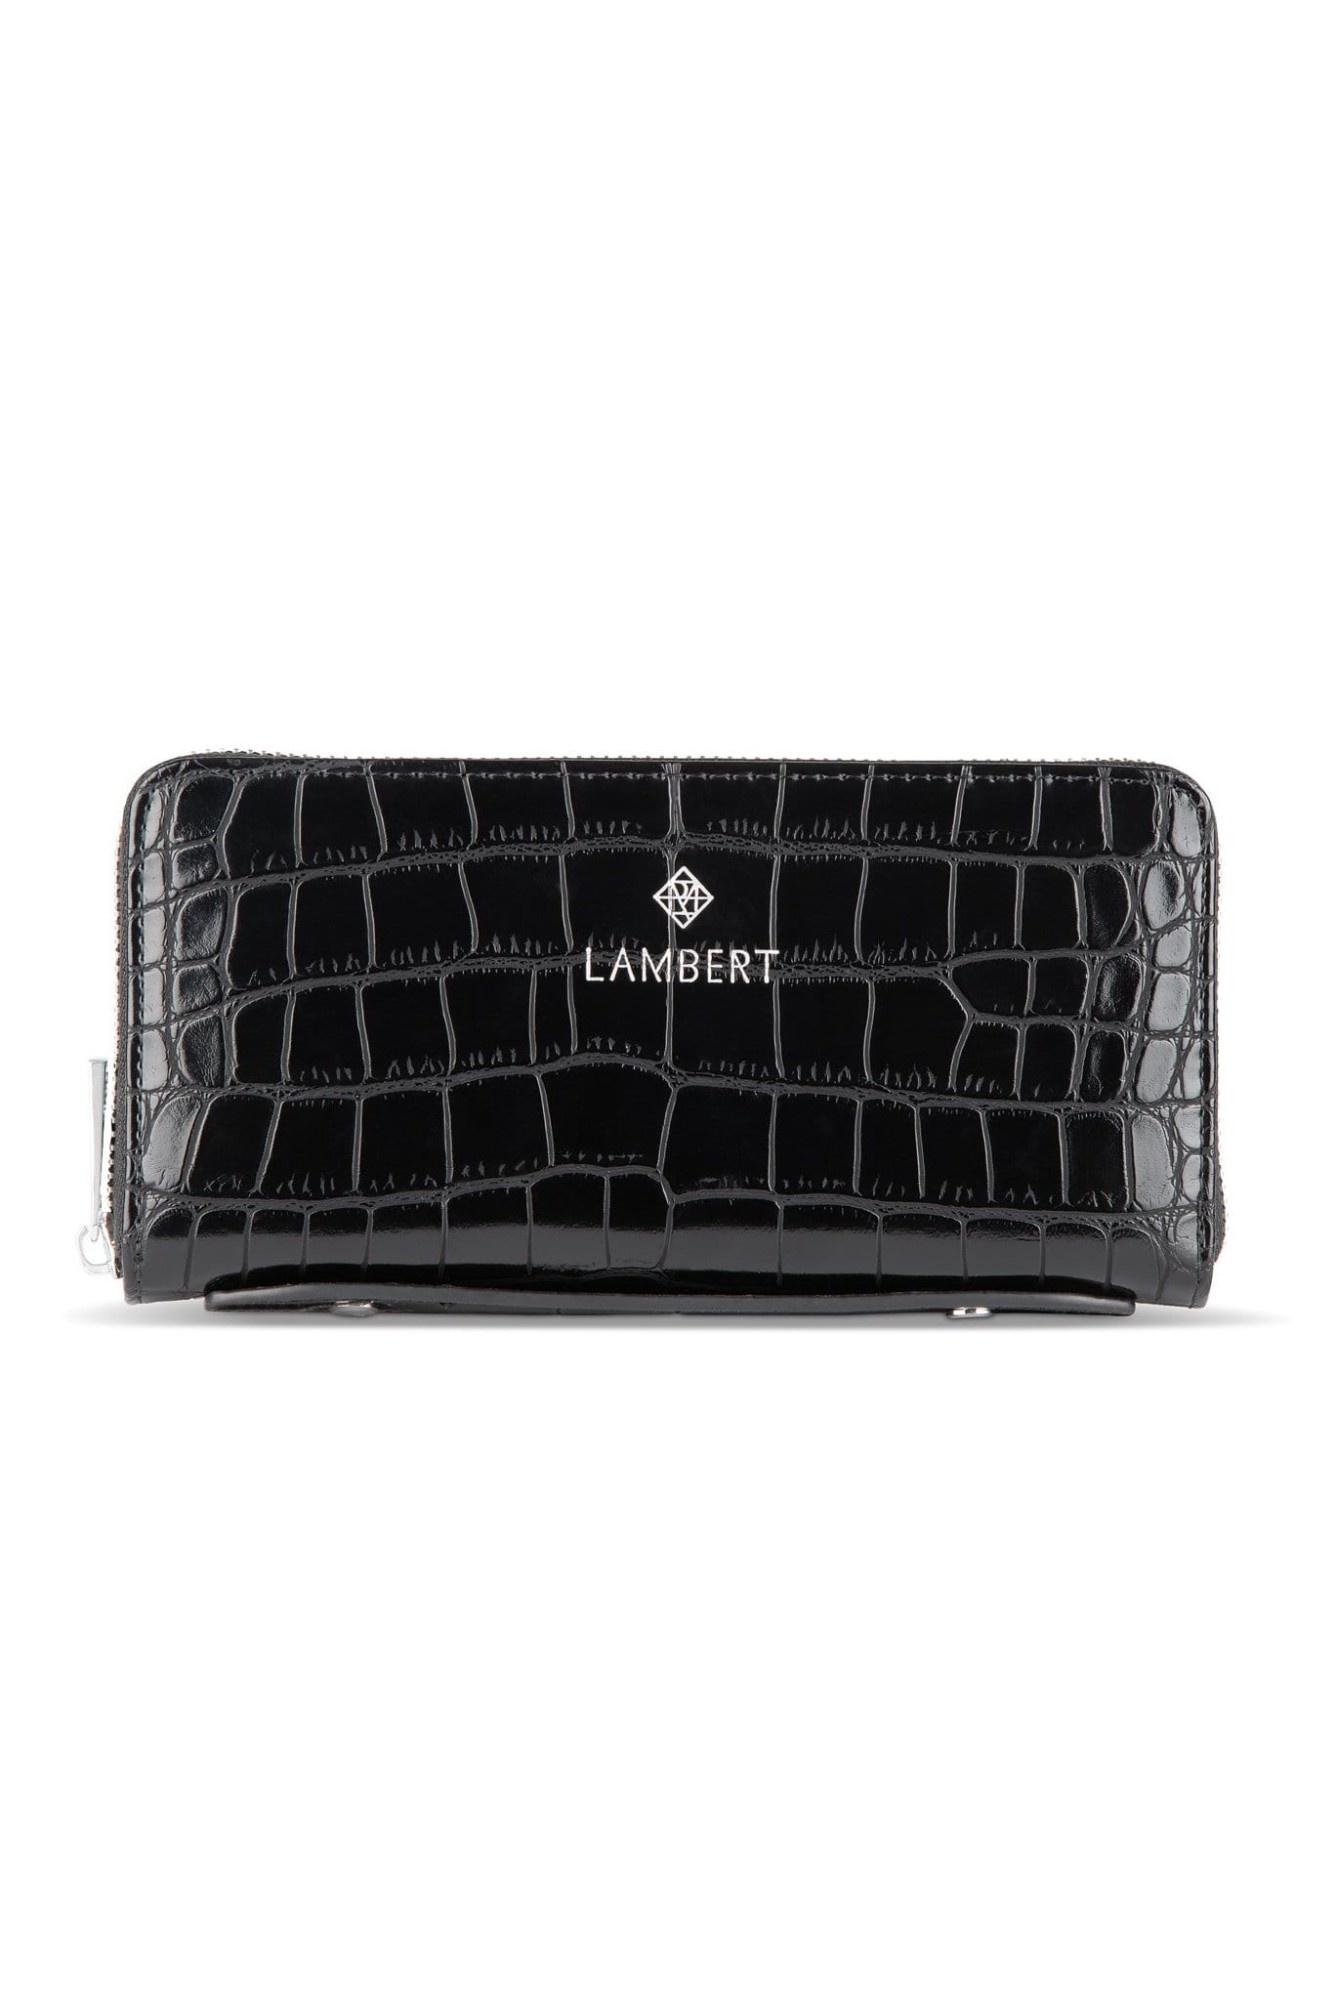 Lambert MELI - Portefeuille en cuir vegan croco